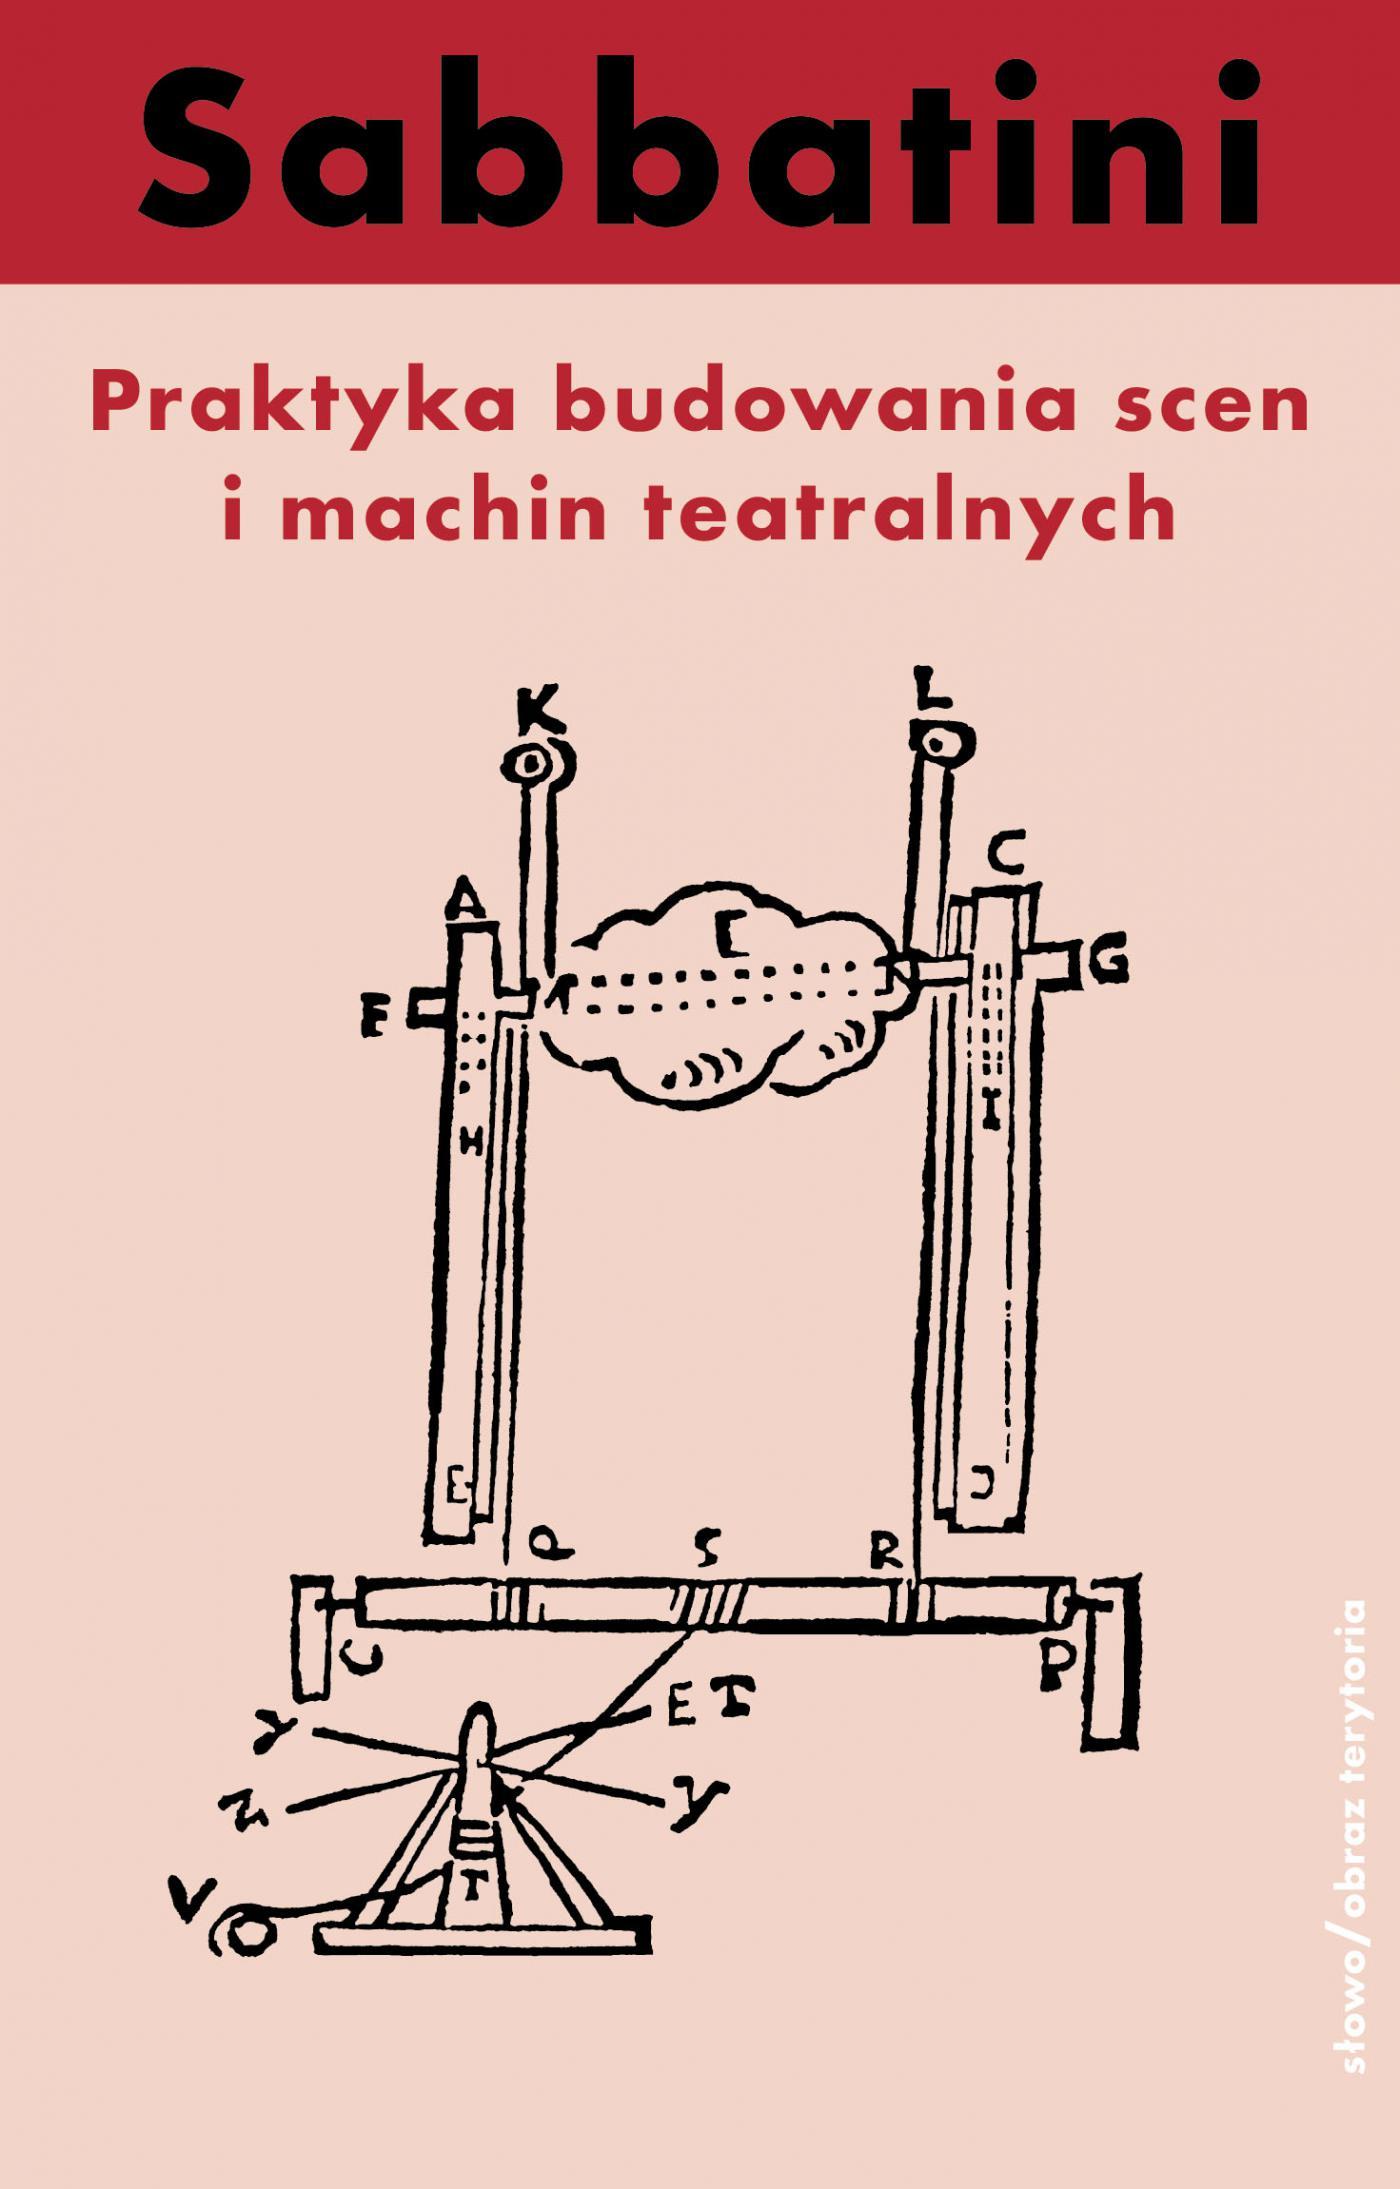 Praktyka budowania scen i machin teatralnych - Ebook (Książka na Kindle) do pobrania w formacie MOBI